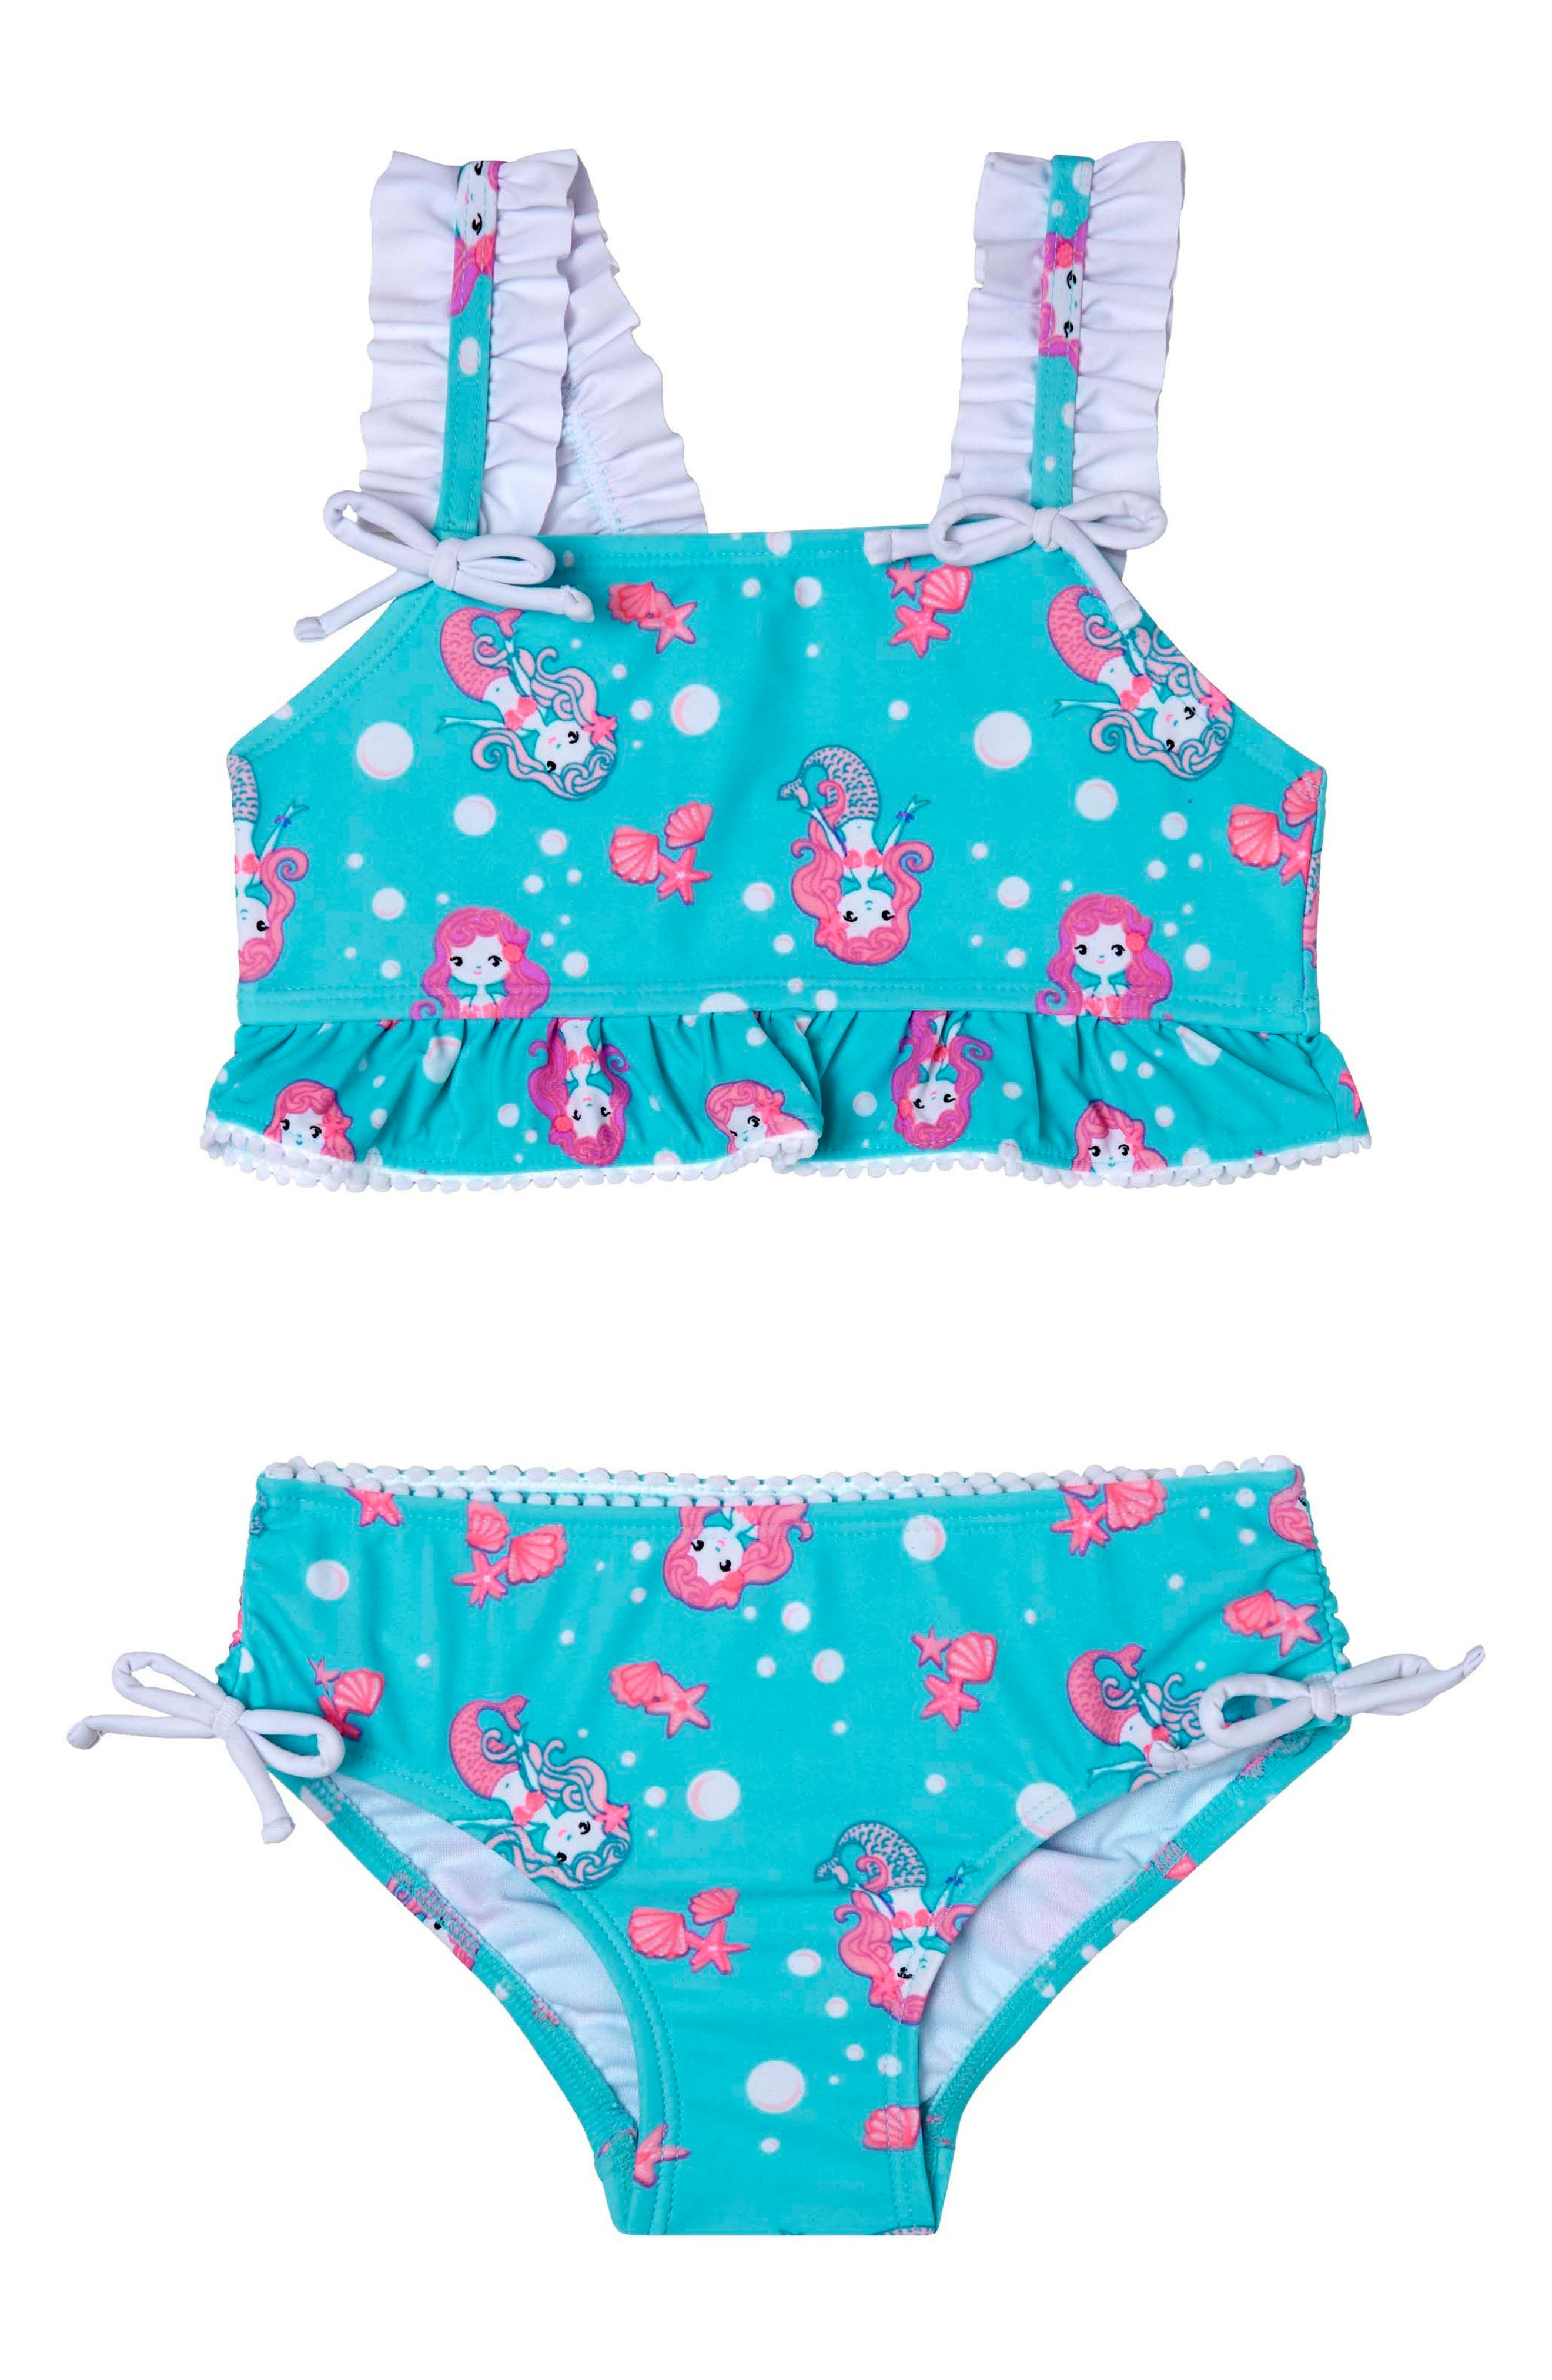 Mermaid Crush Two-Piece Swimsuit,                         Main,                         color, Aqua